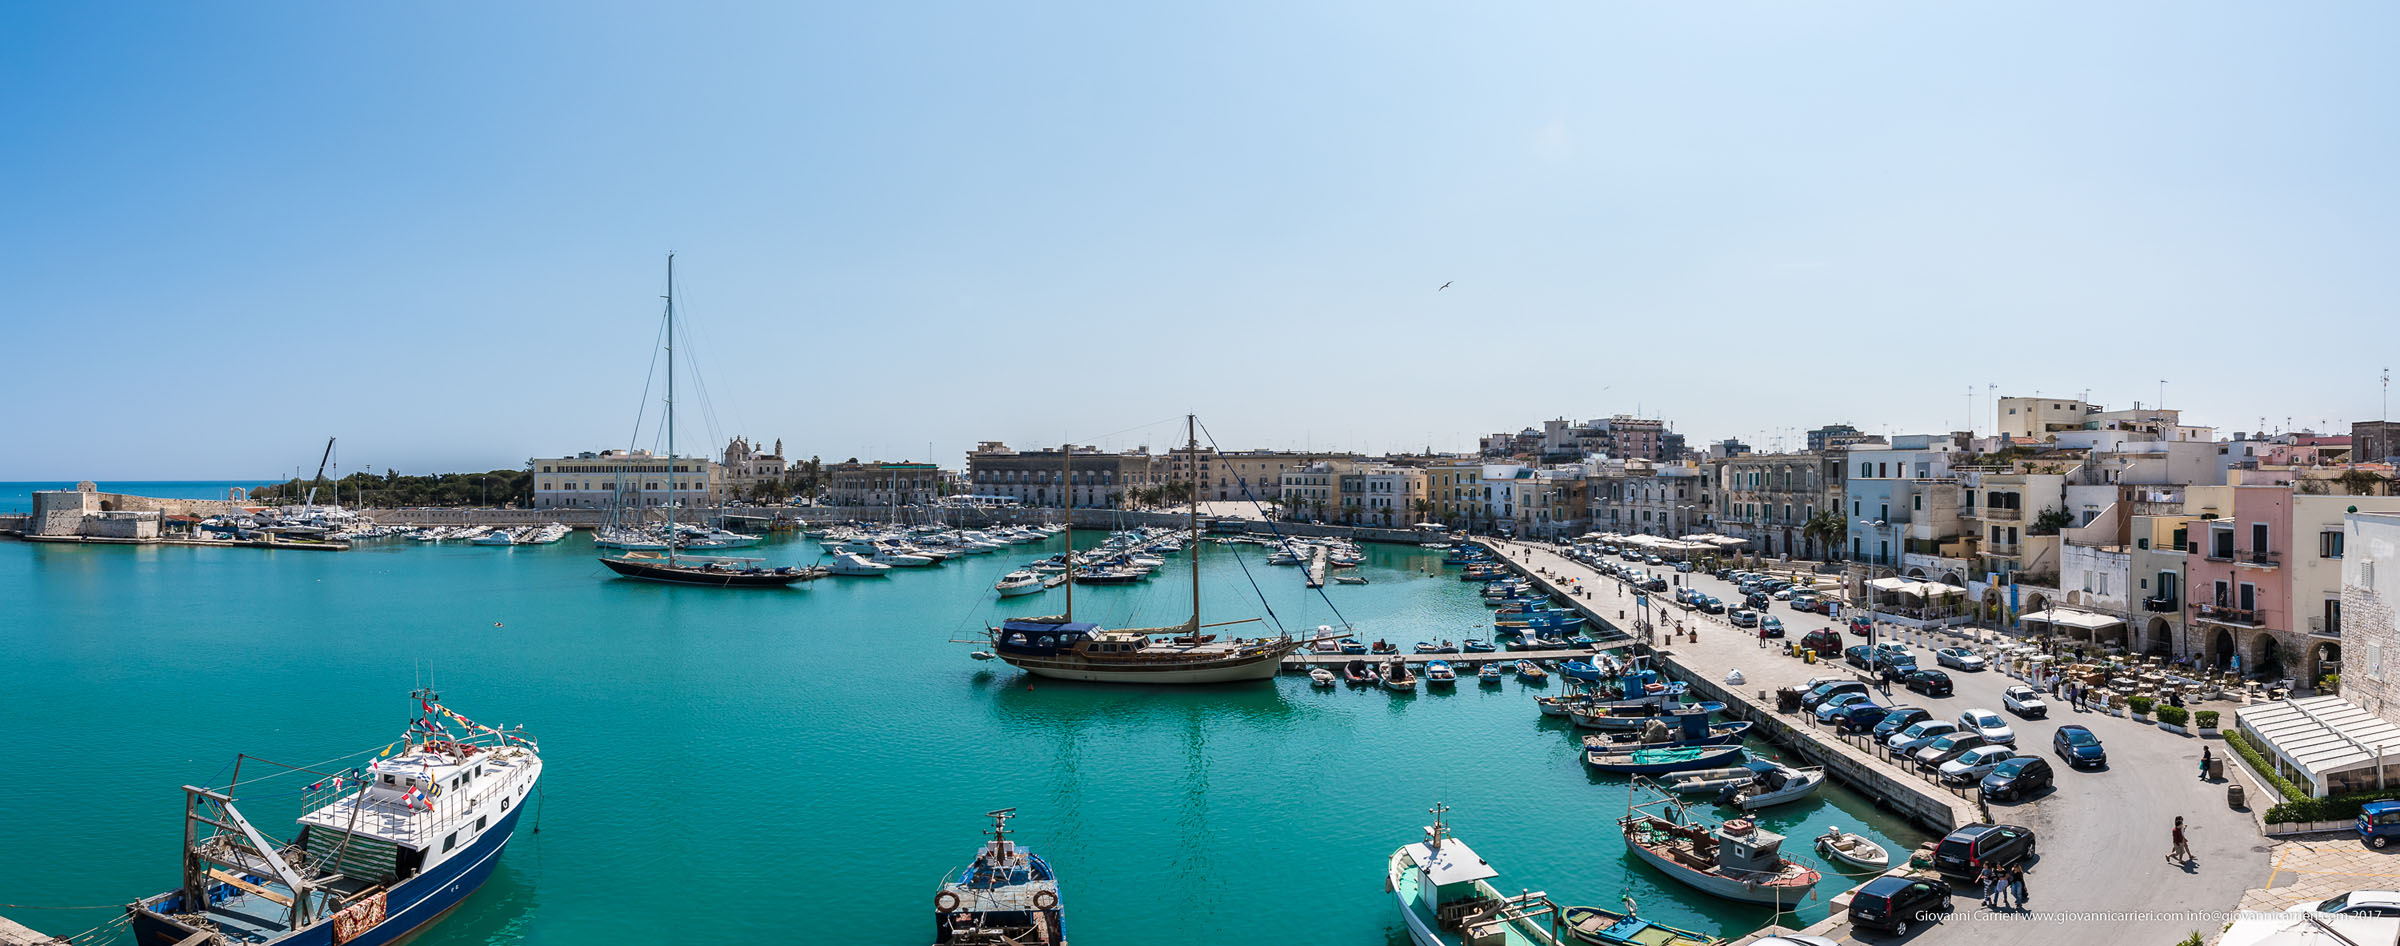 Panoramica del porto di Trani